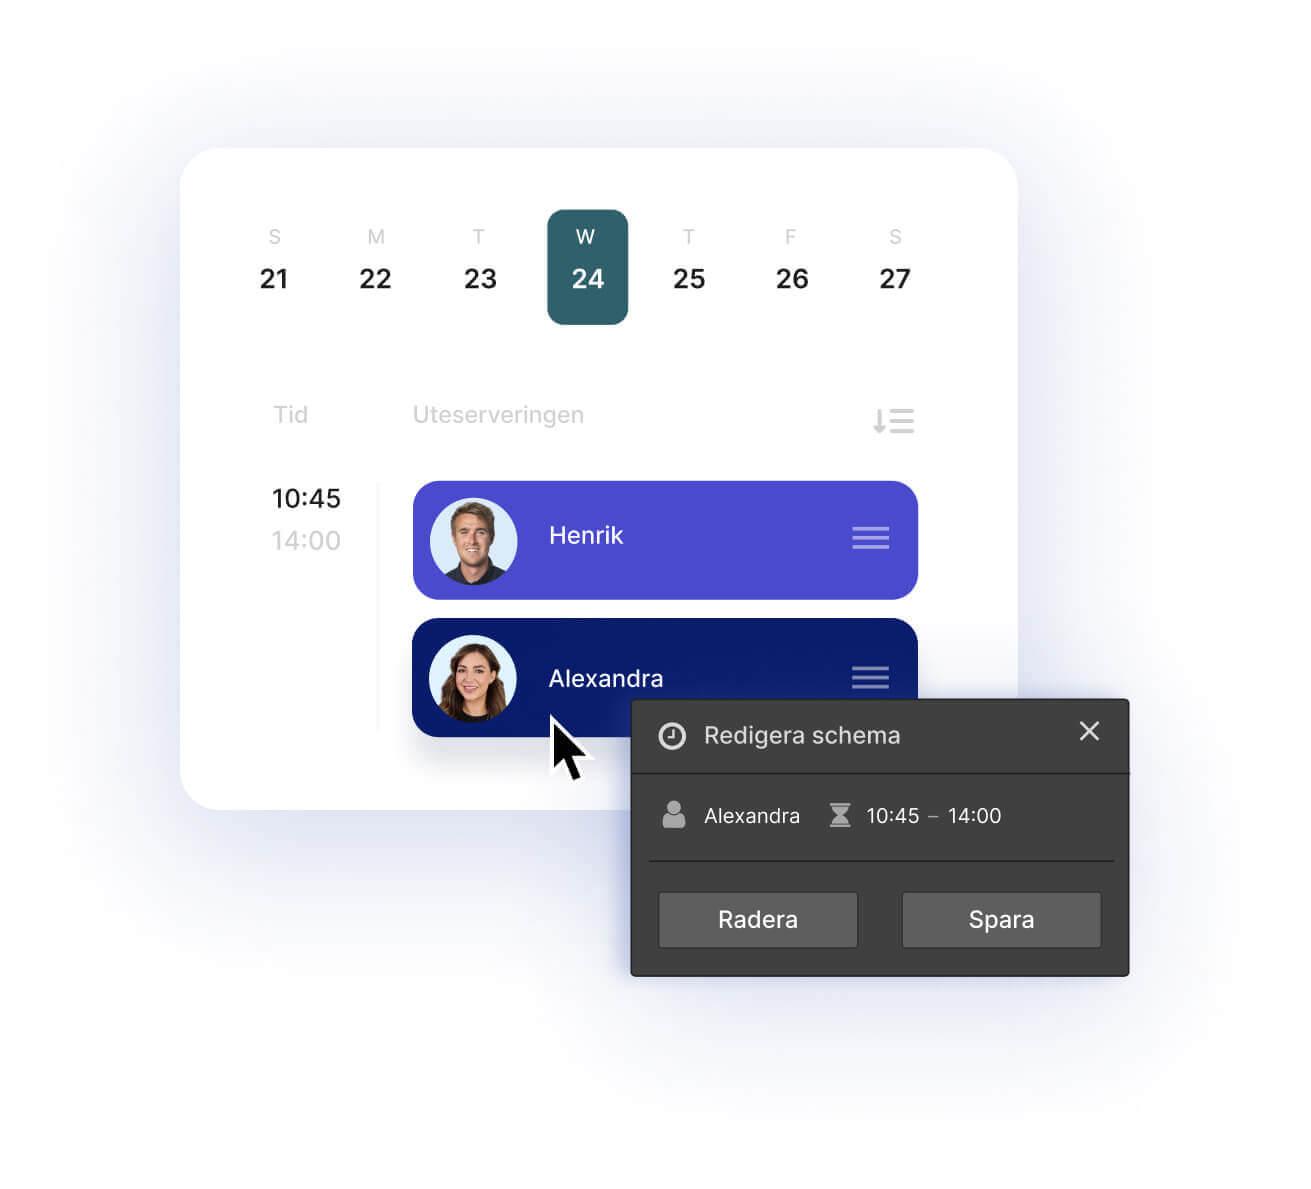 Gränssnitt (UI) från personalsystem. Enkelt skapa scheman för personalen.